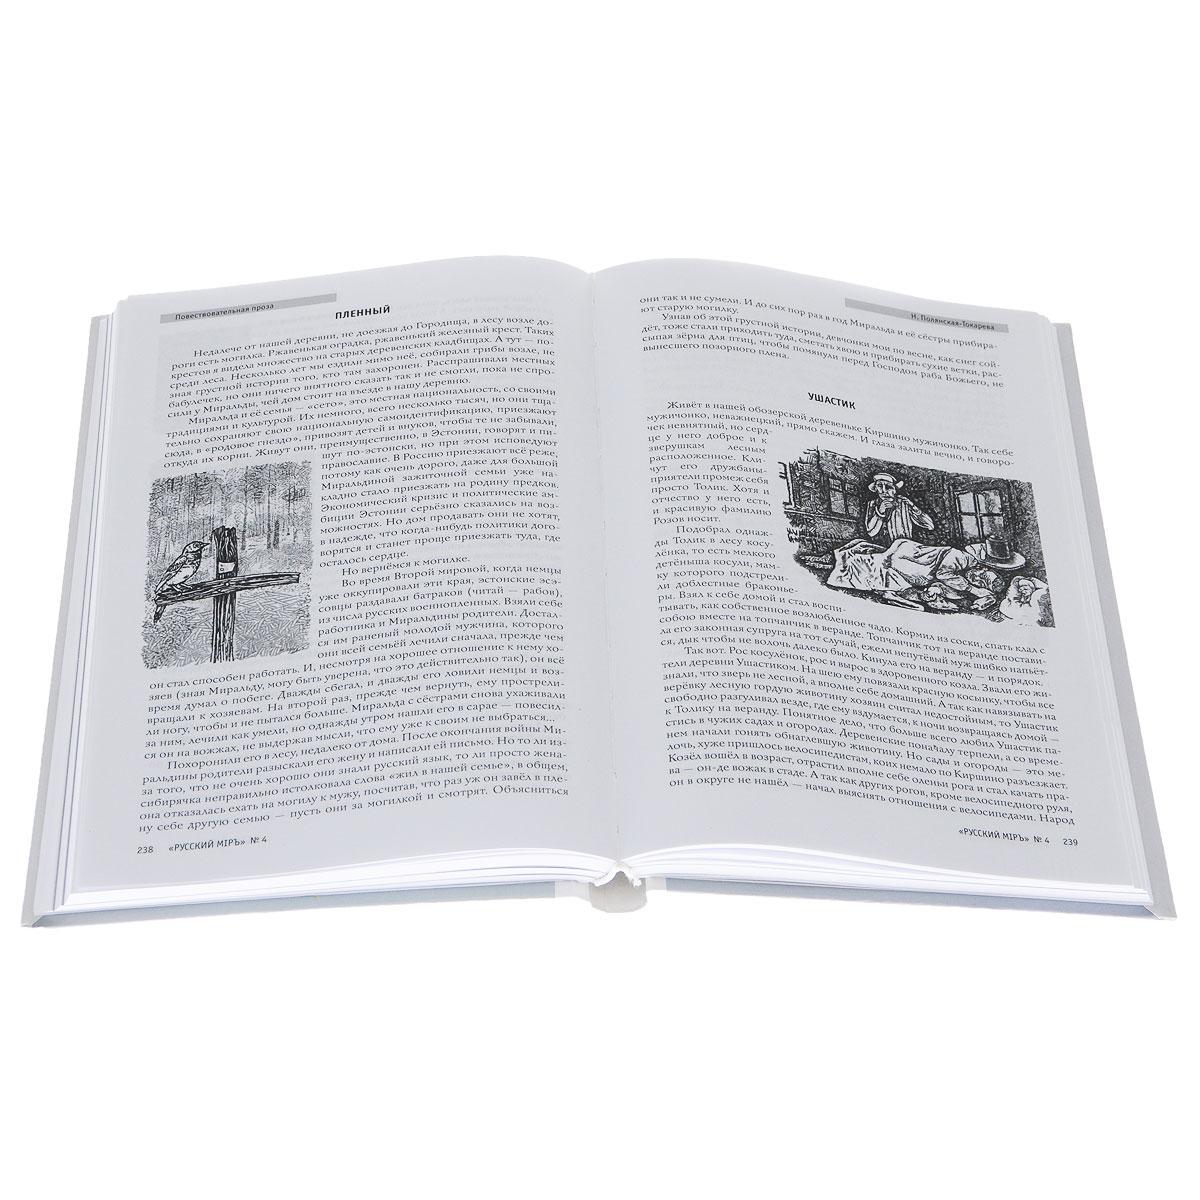 Русский миръ. Пространство и время русской культуры. Альманах, №4, 2010